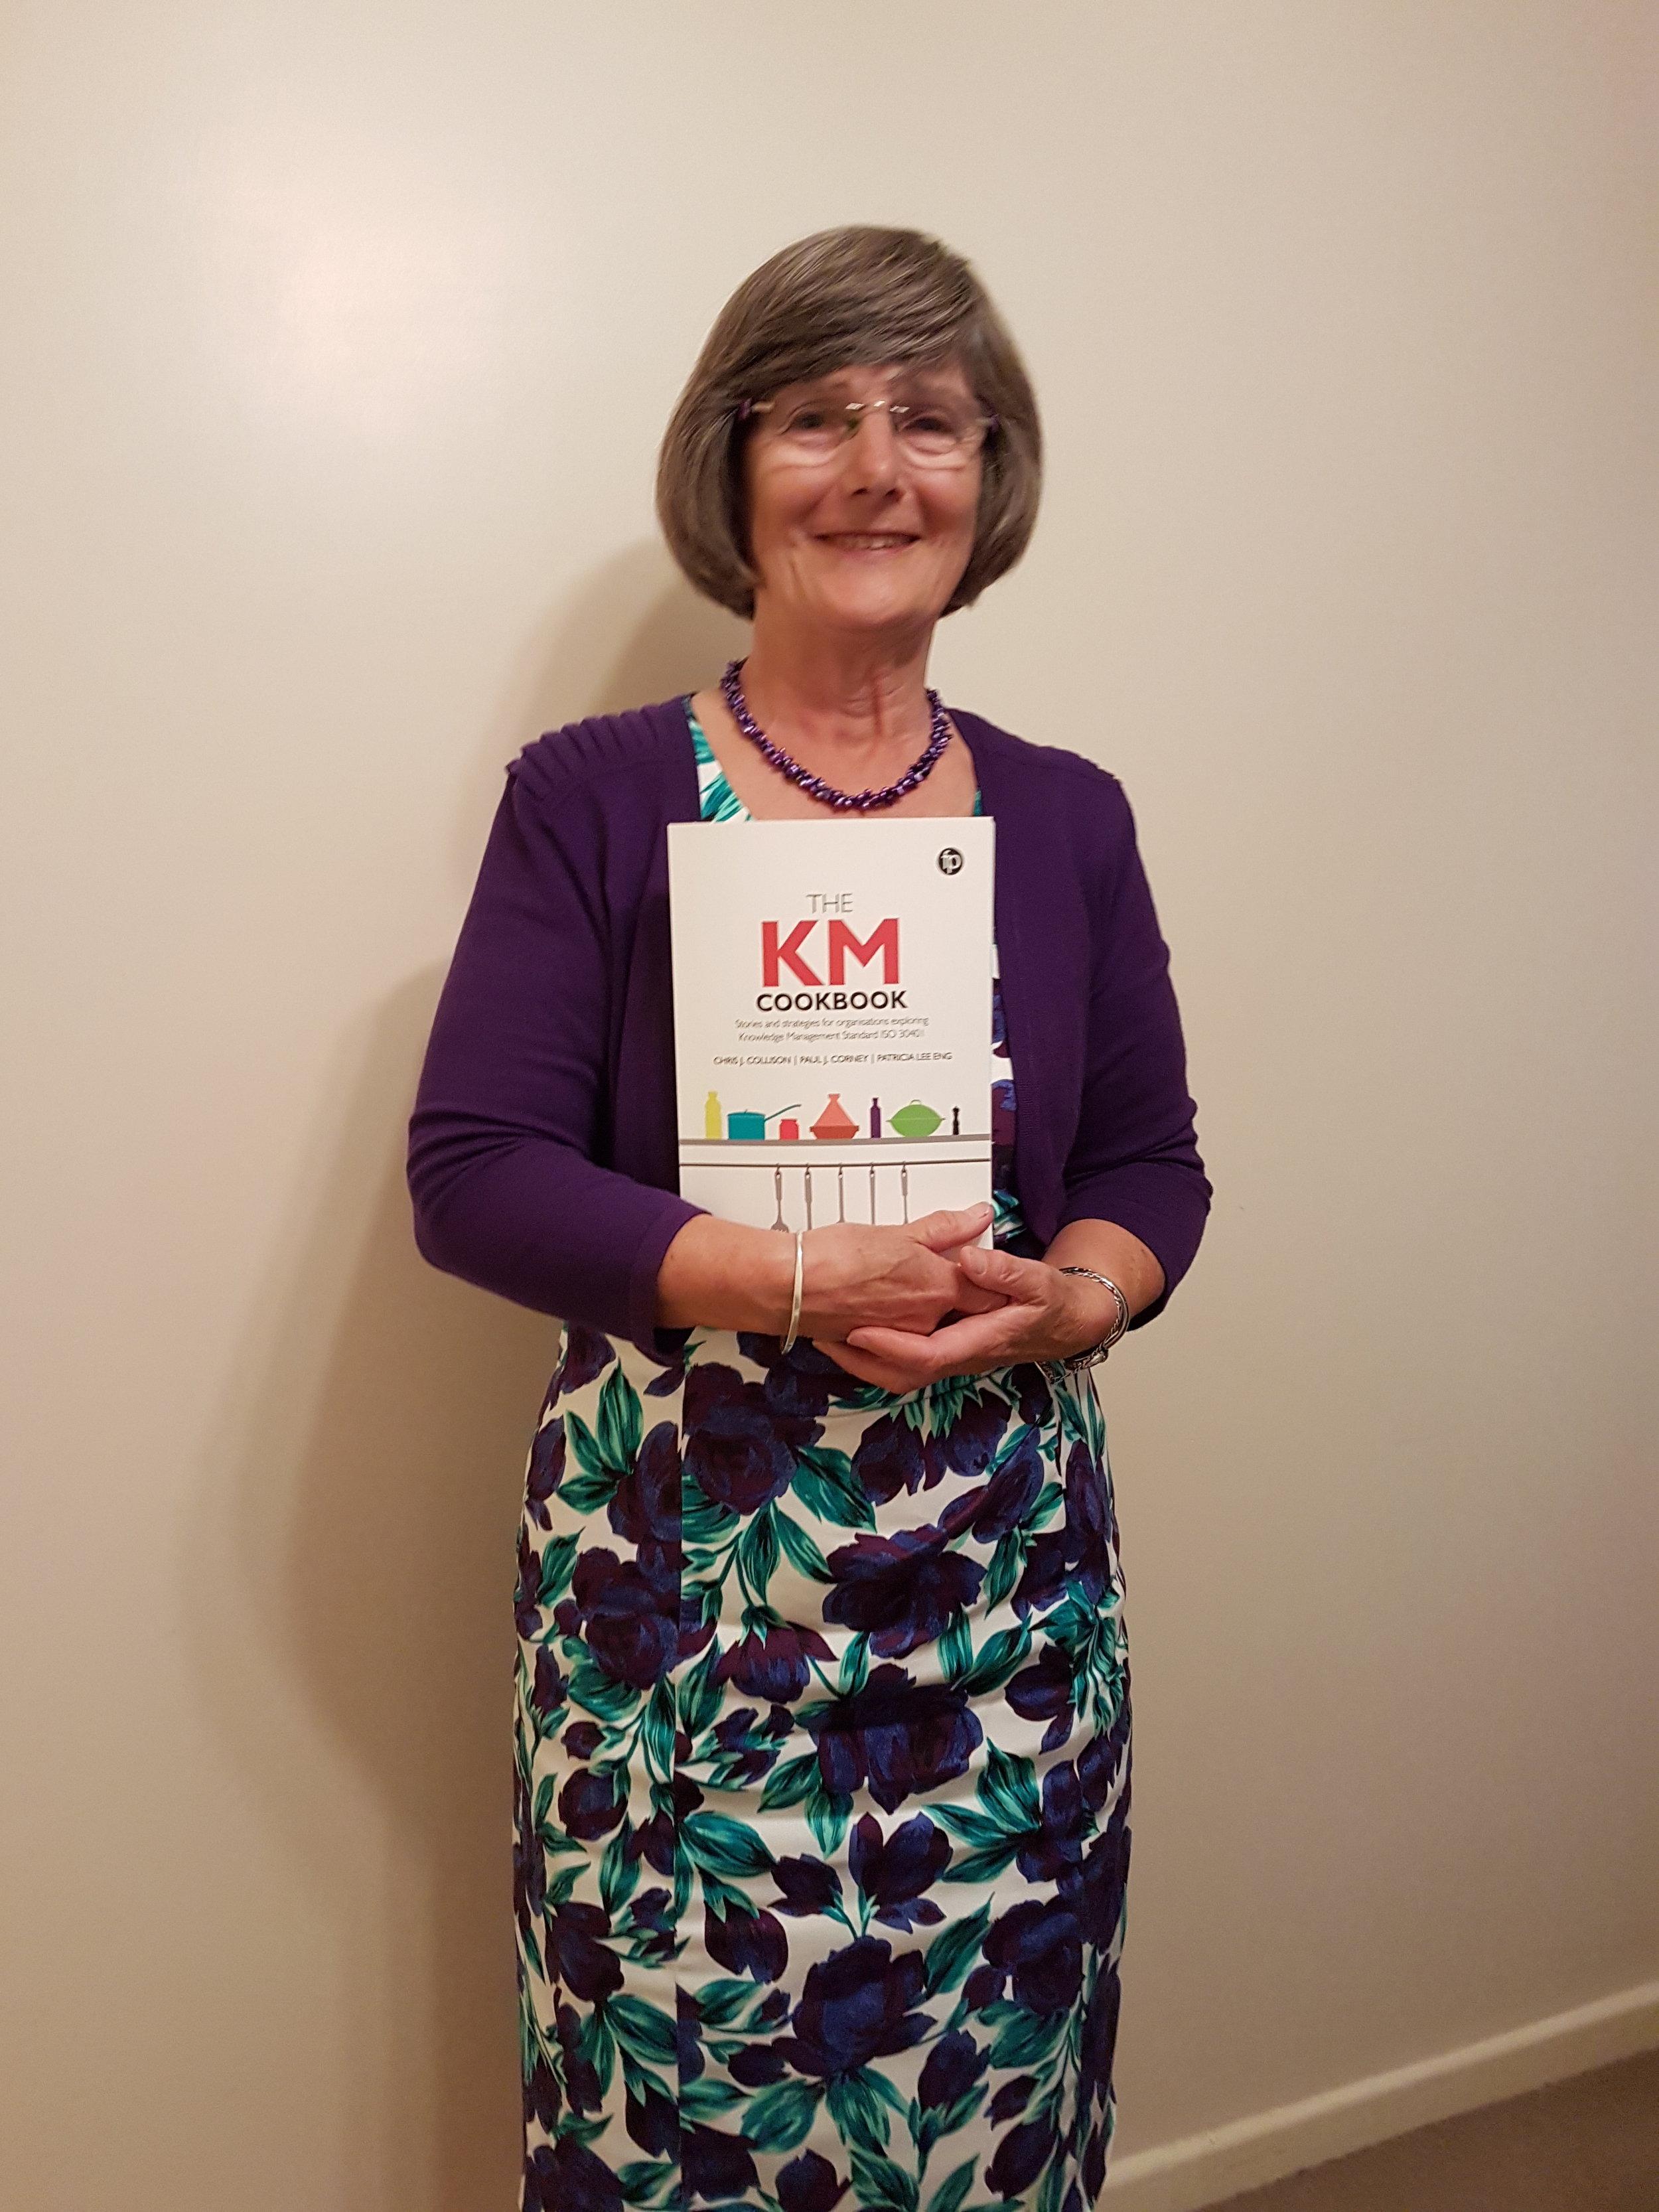 Karen McFarlane, CILIP Trustee, cherishing her copy of the KM Cookbook!